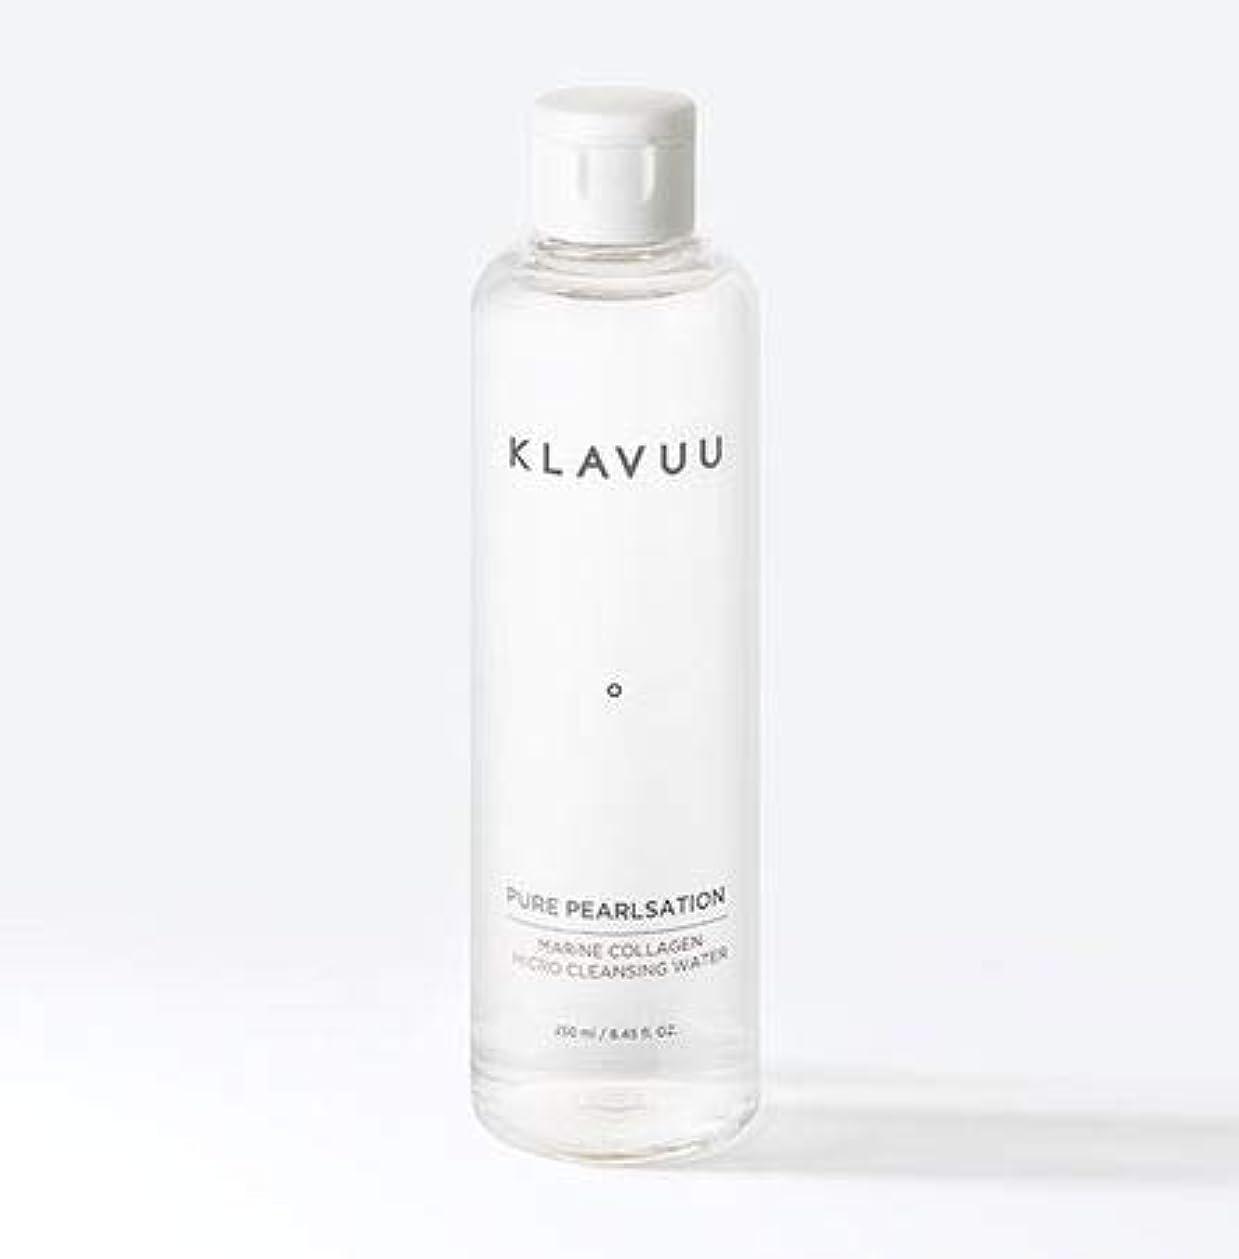 機械的奨励します理解[ Klavuu ] PURE PEARLSATION Marine Collagen Micro Cleansing Water /[クラビュー (Klavuu)] ピュア パールセ―ション マリン コラーゲン クレンジング...